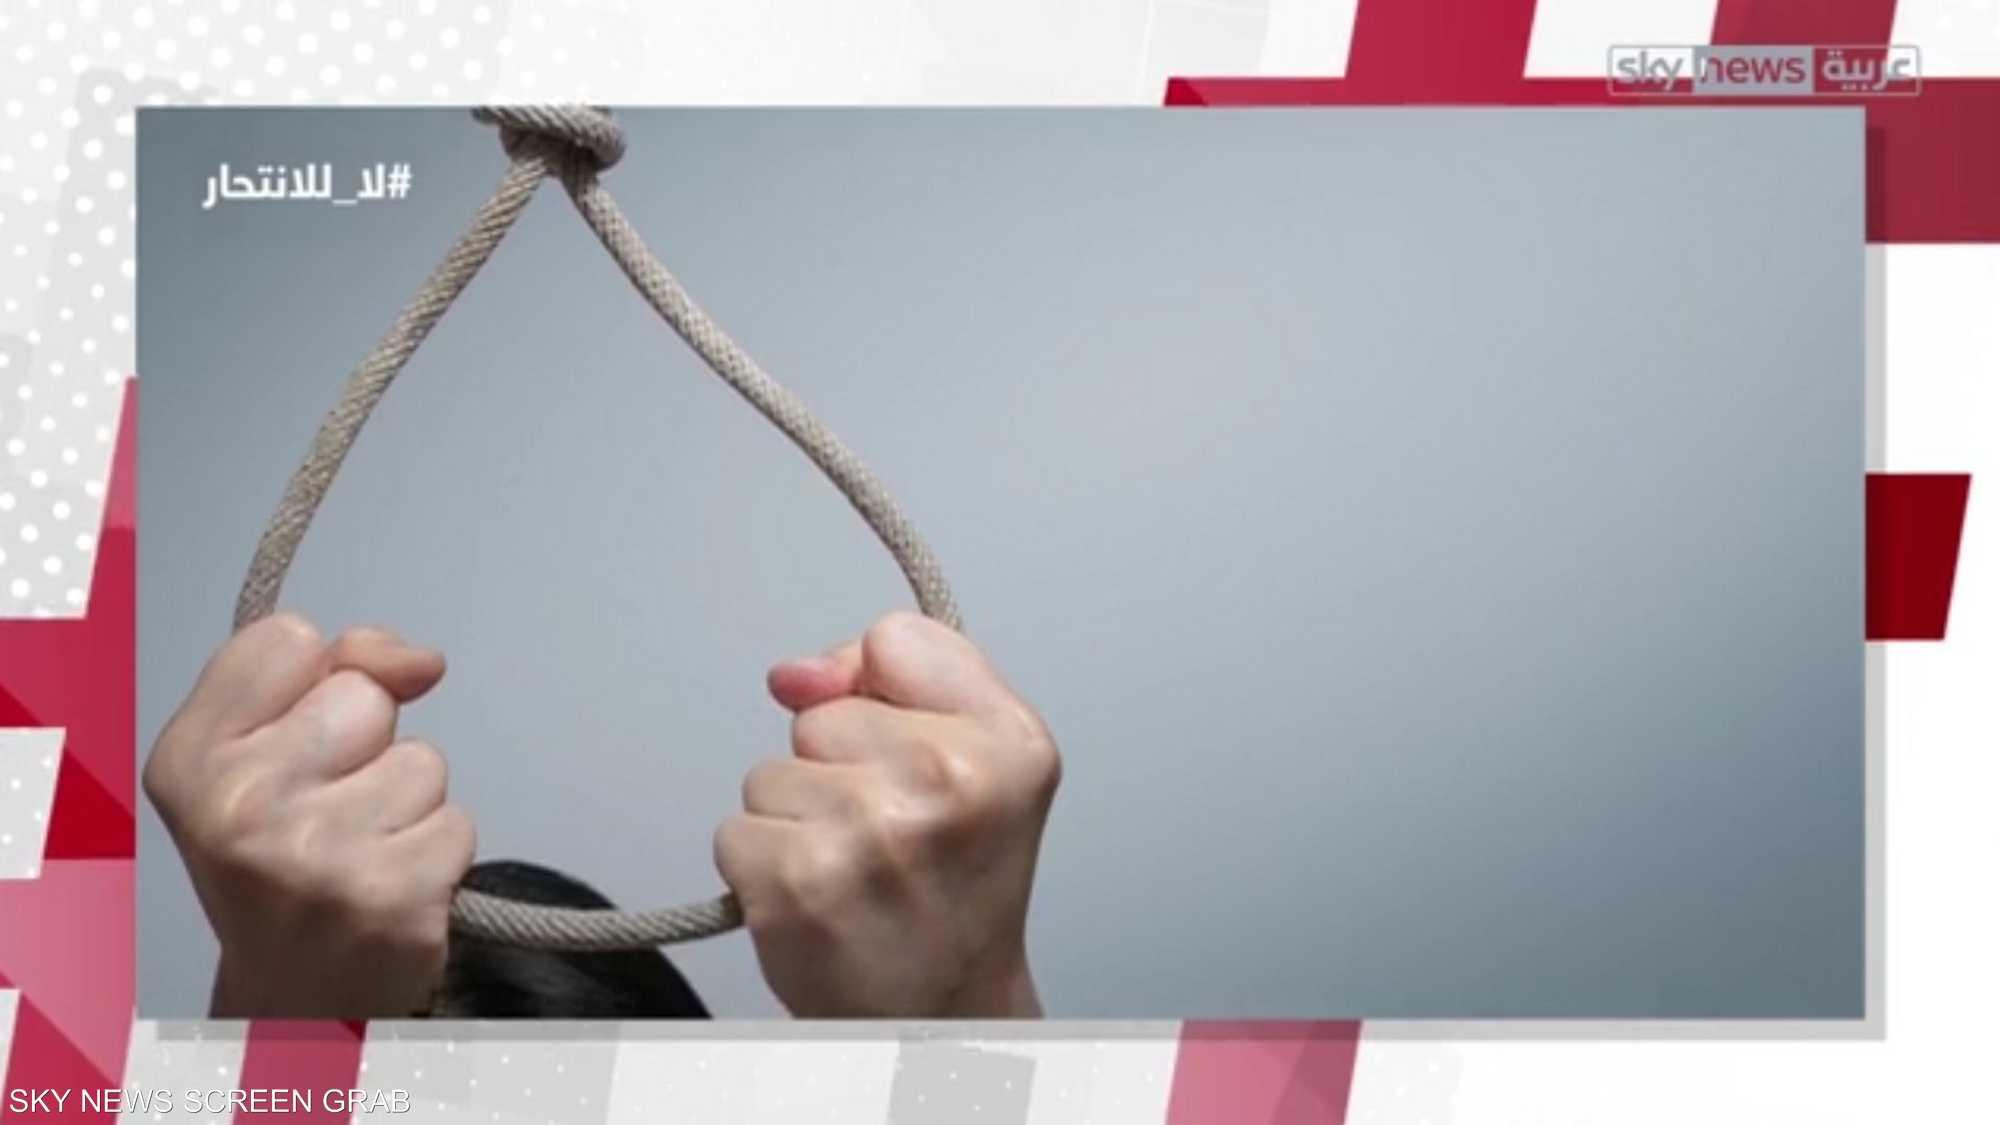 المنتحر ليس بكافر.. فتوى تثير الجدل في مصر